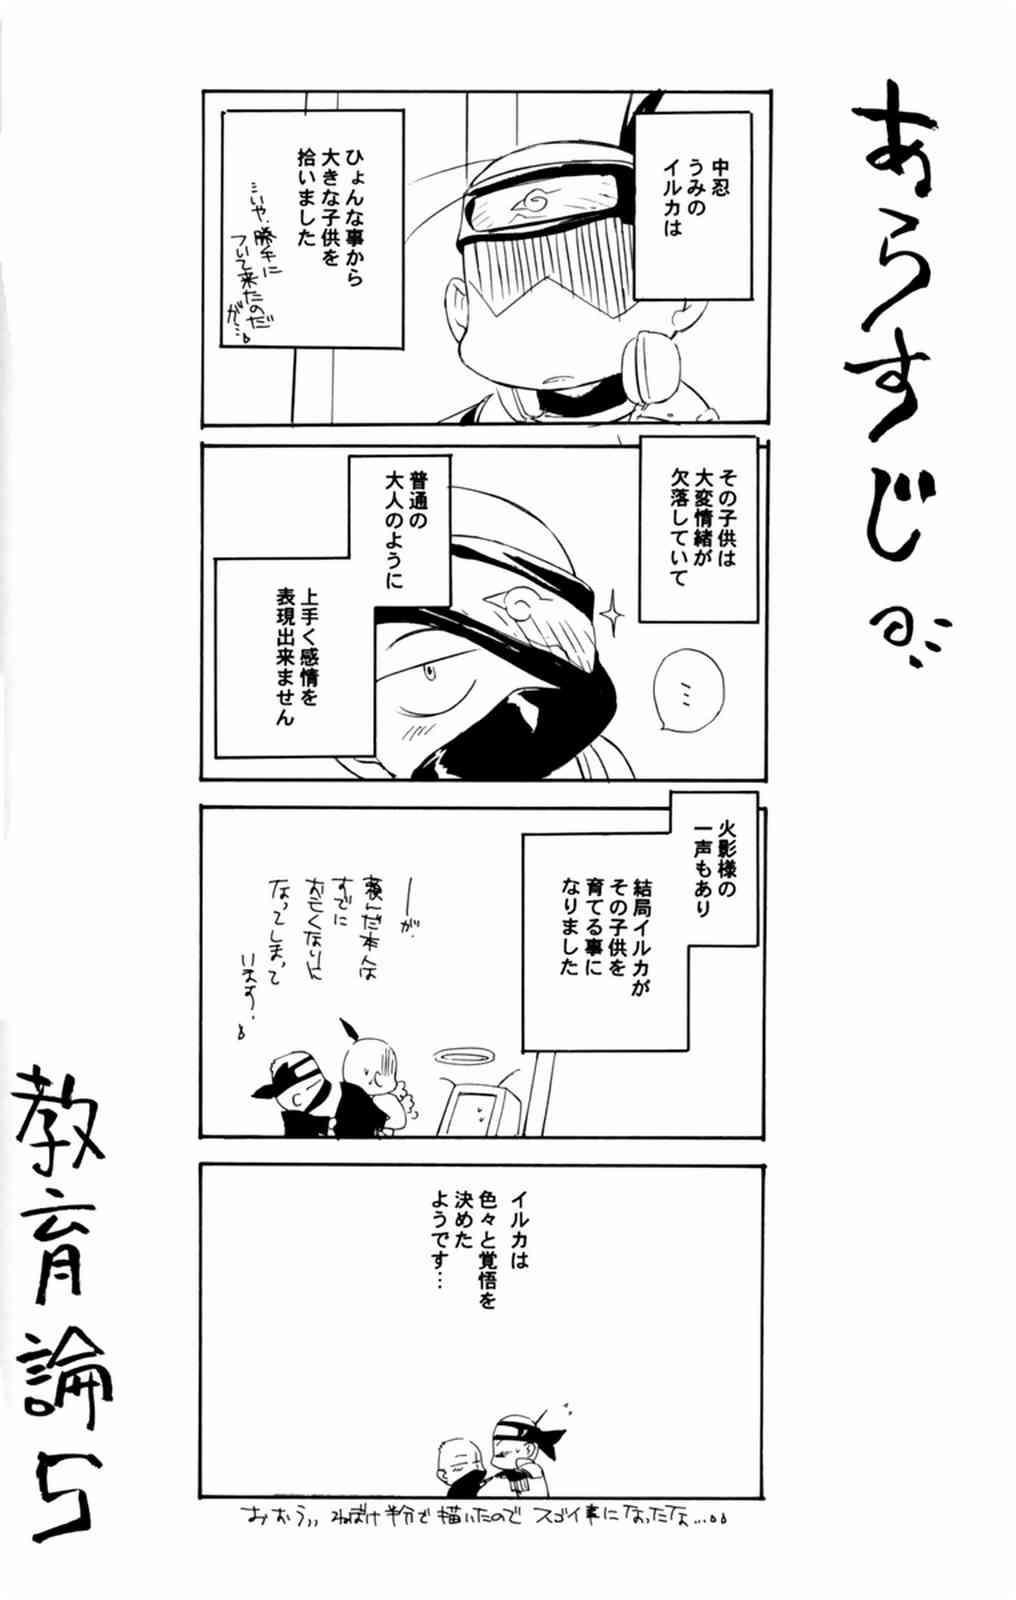 Kyouikuron Go 3